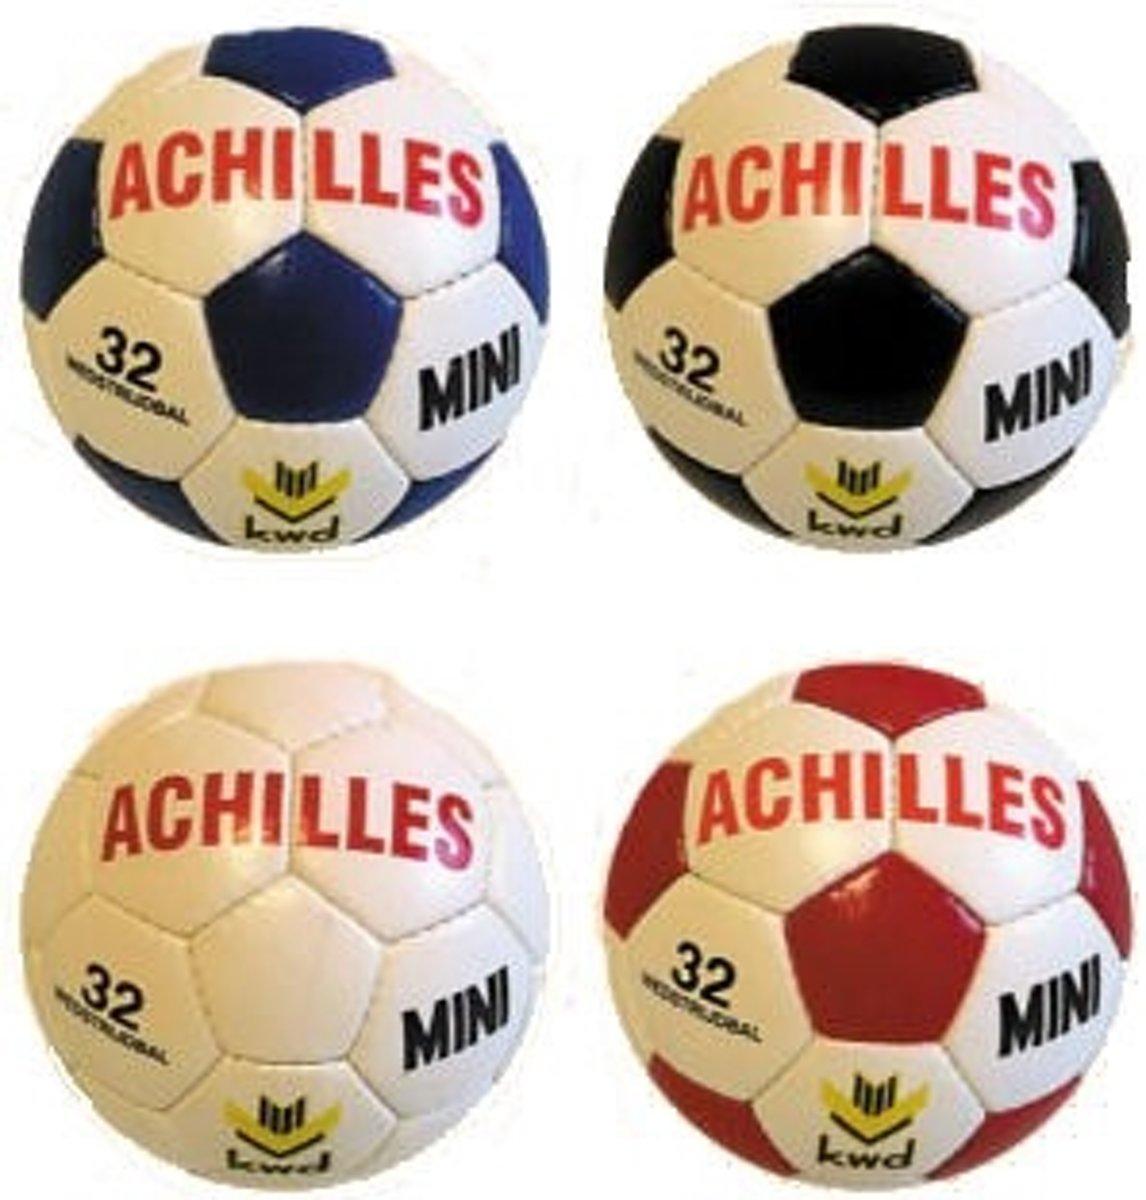 KWD Handbal/Boerenklompgolfbal Achilles Mini - Wit/rood - Omtrek ± 48cm - ± 200 gram kopen